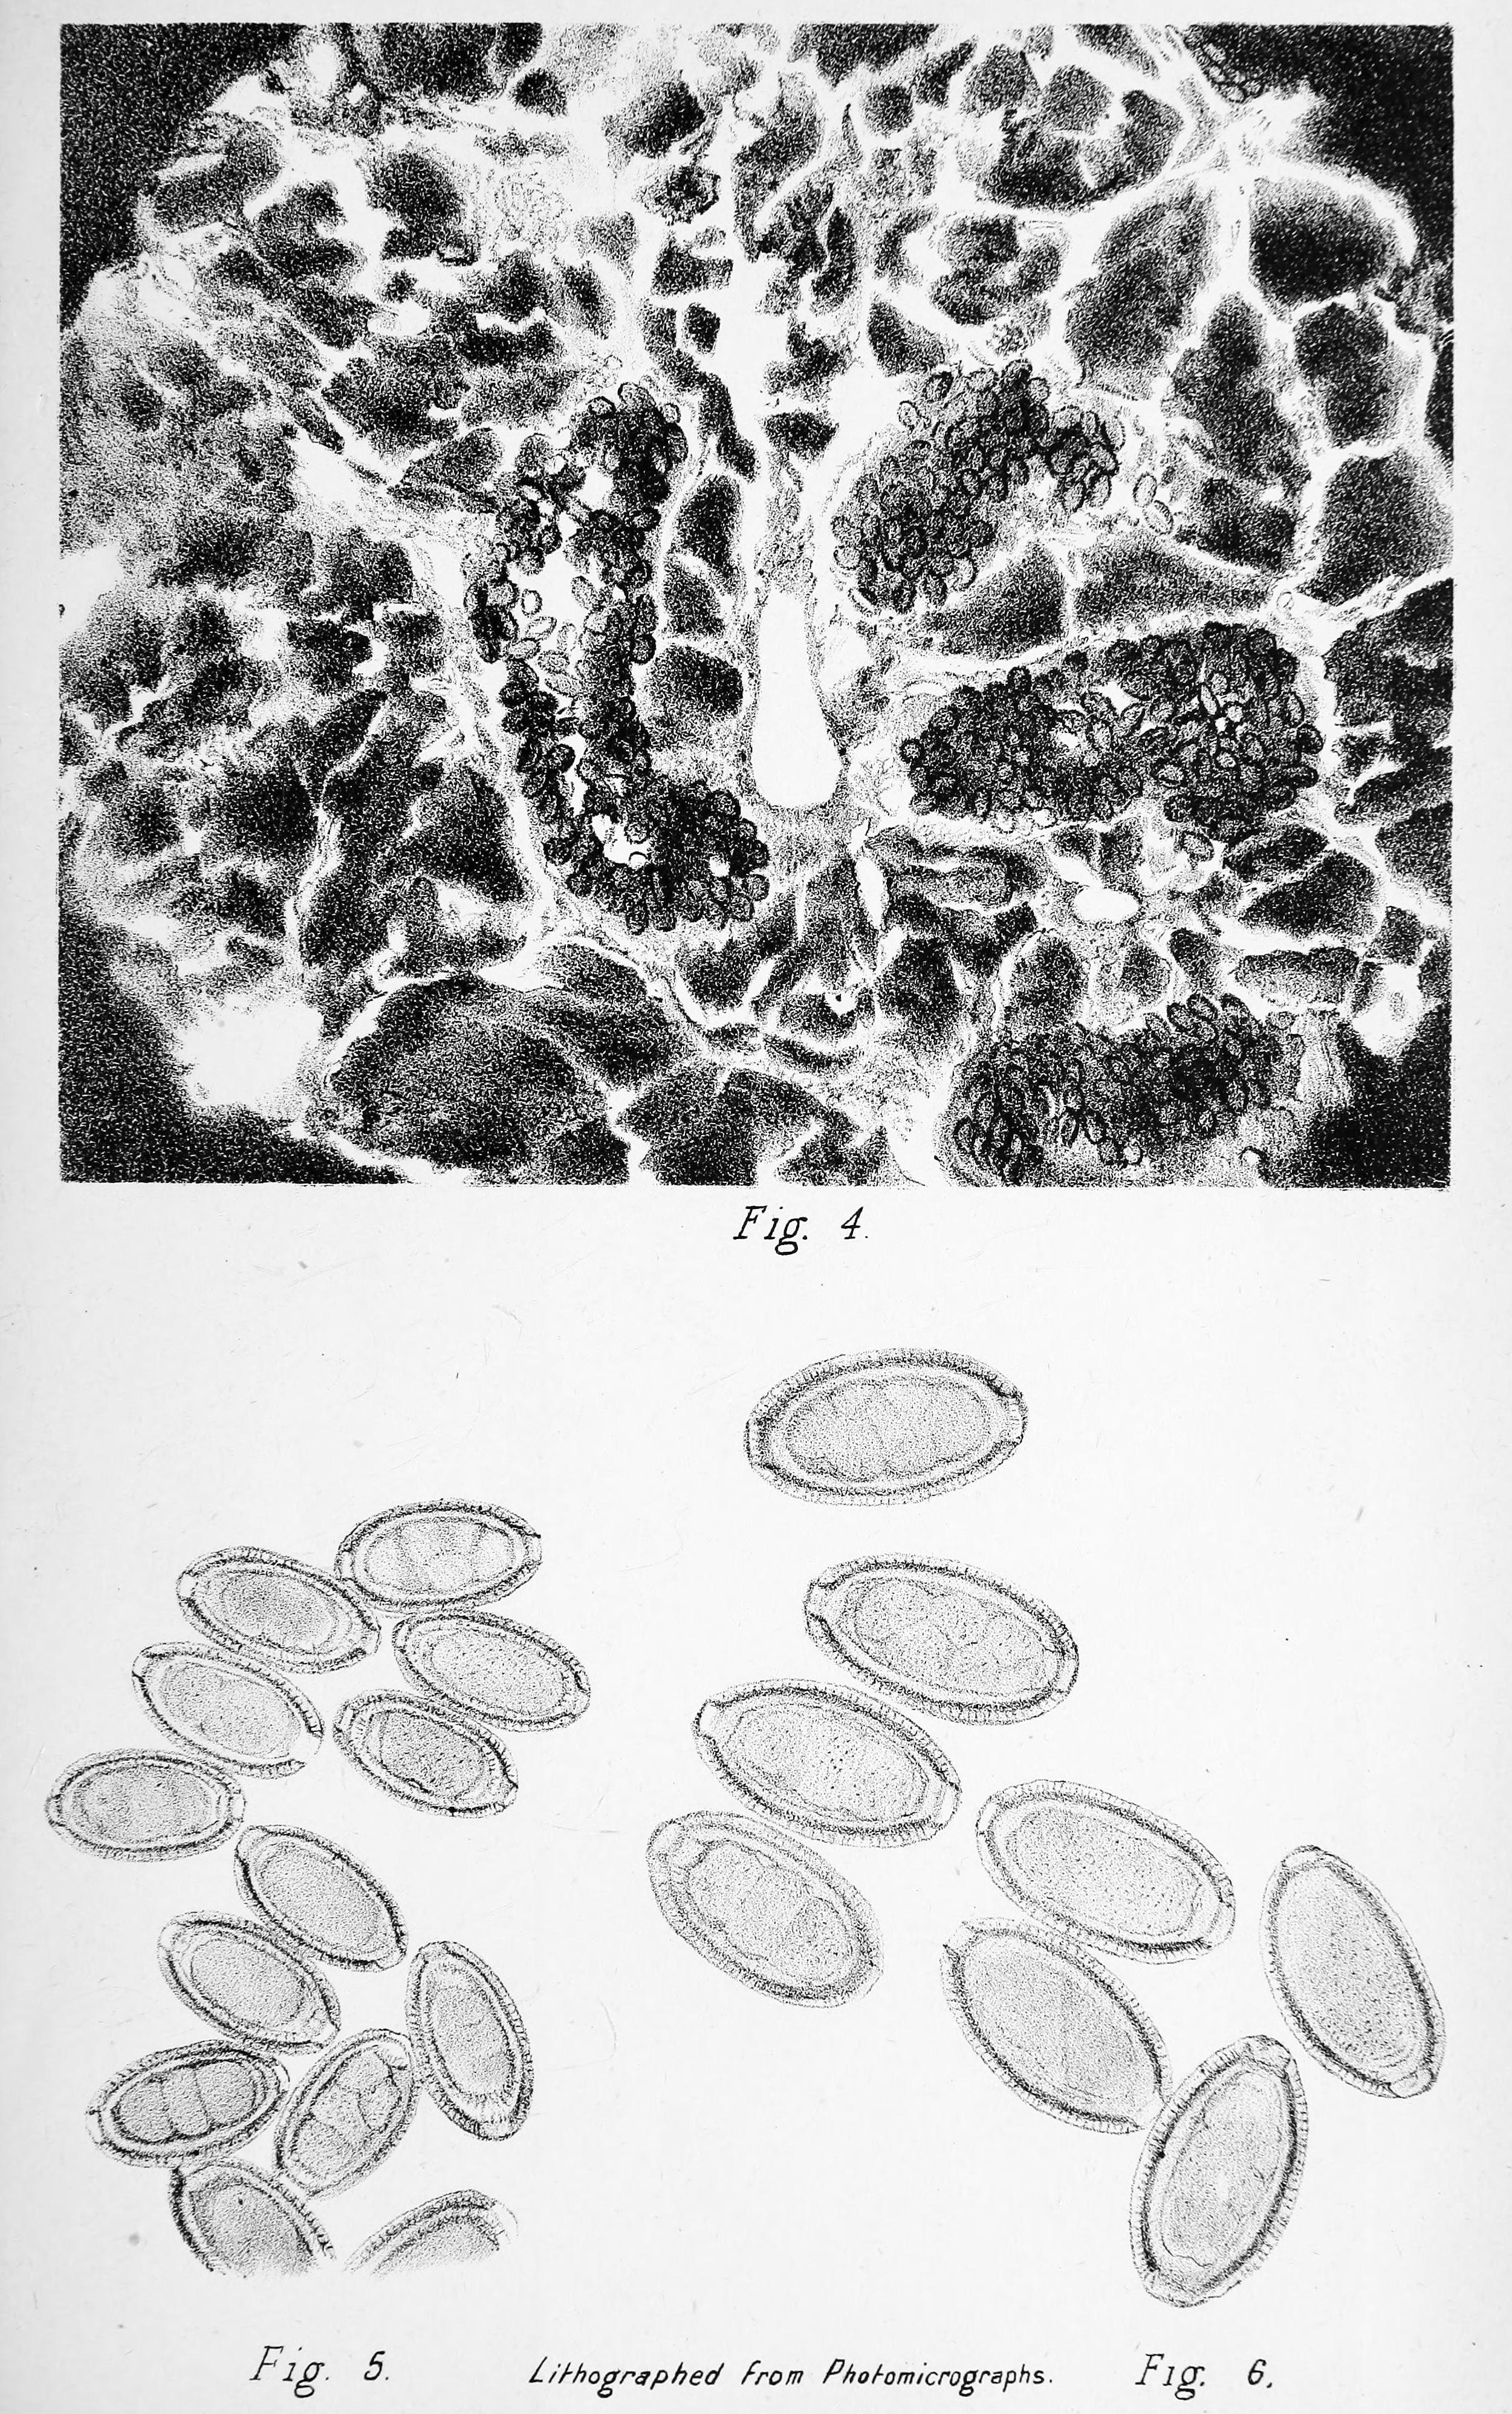 trichocephalosis hogyan néz ki)